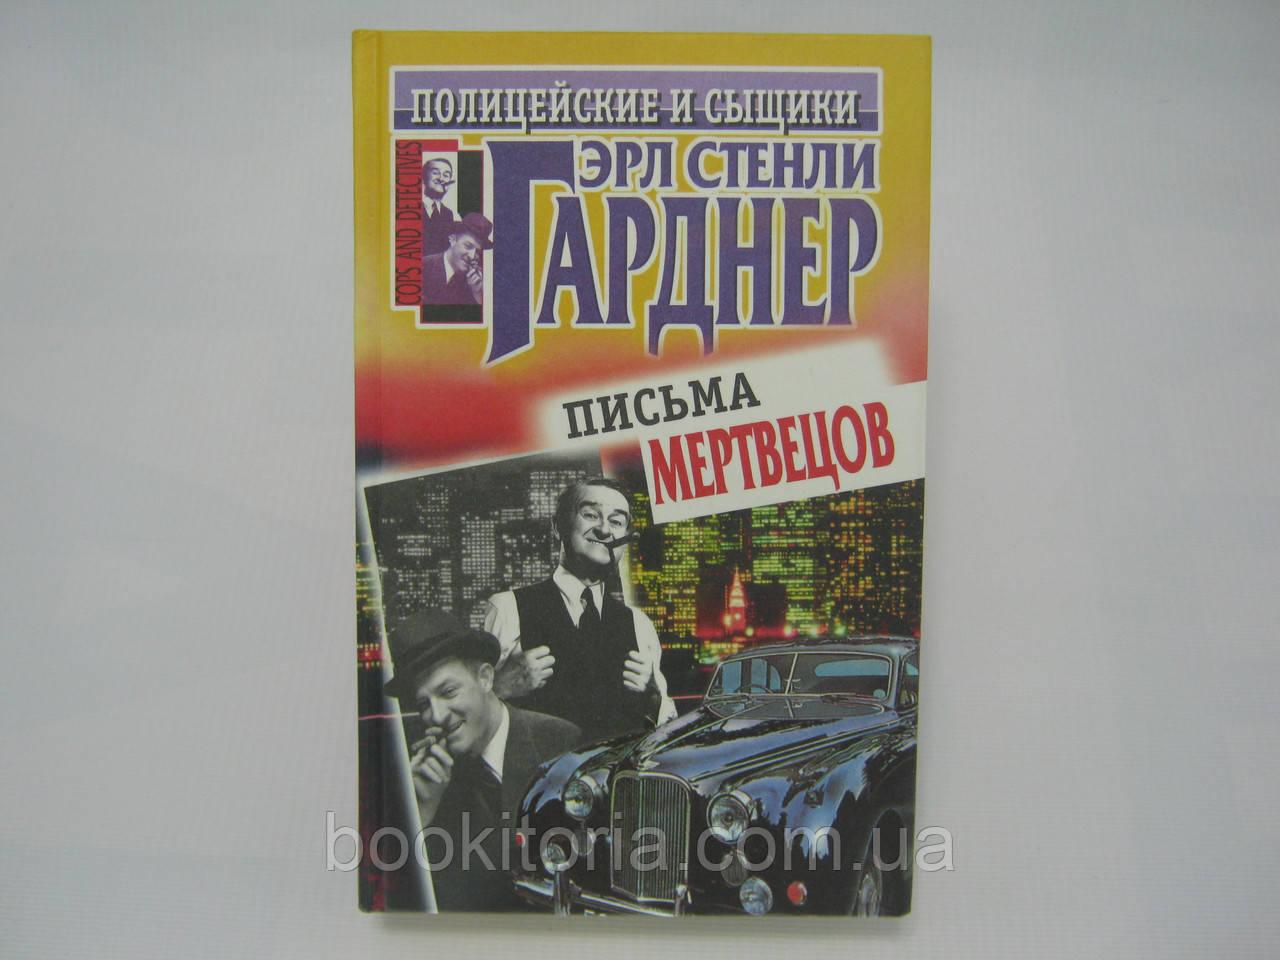 Гарднер Э. С. Письма мертвецов (б/у).